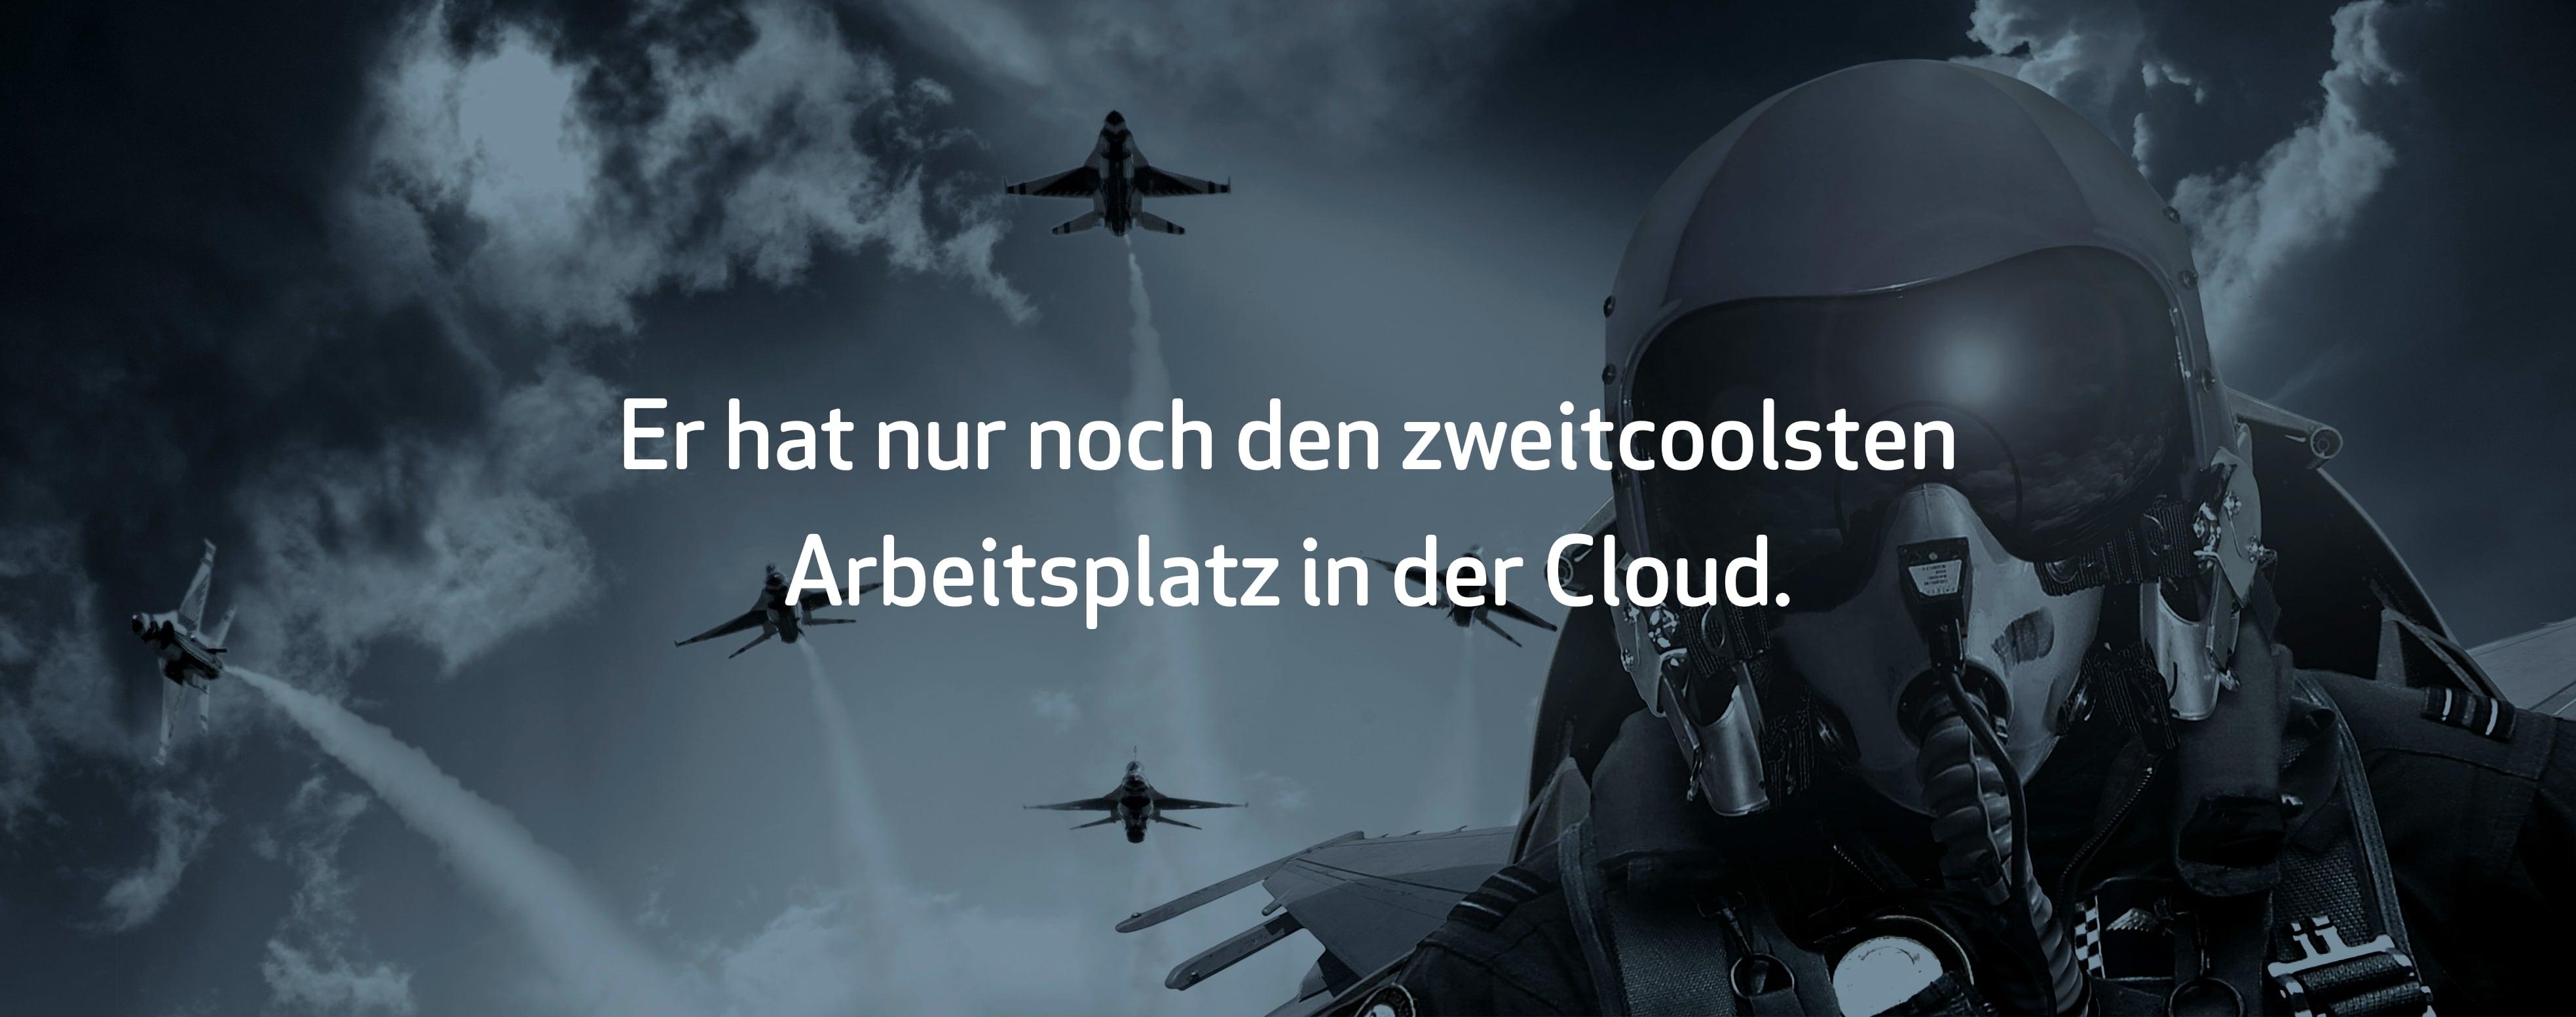 jetpilot workplace cloud